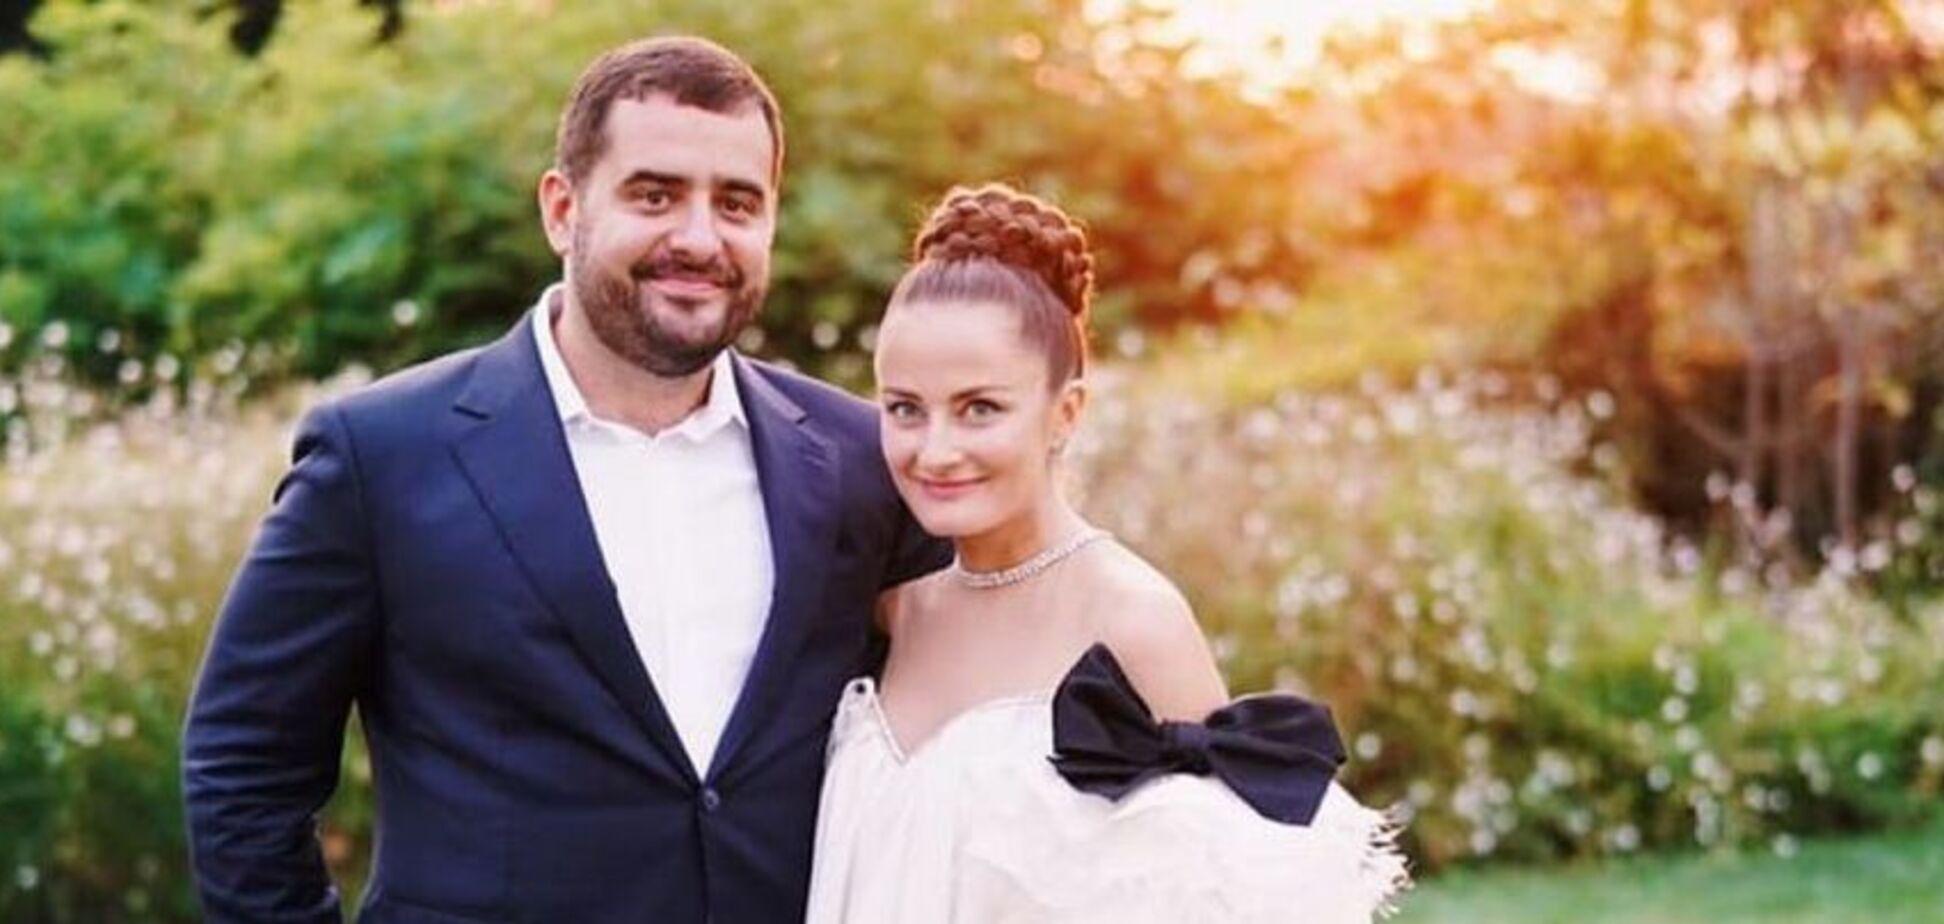 Фукс и 'слуги народа': выяснилось, кто был на свадьбе 'смотрящего' за Минюстом в Сен-Тропе